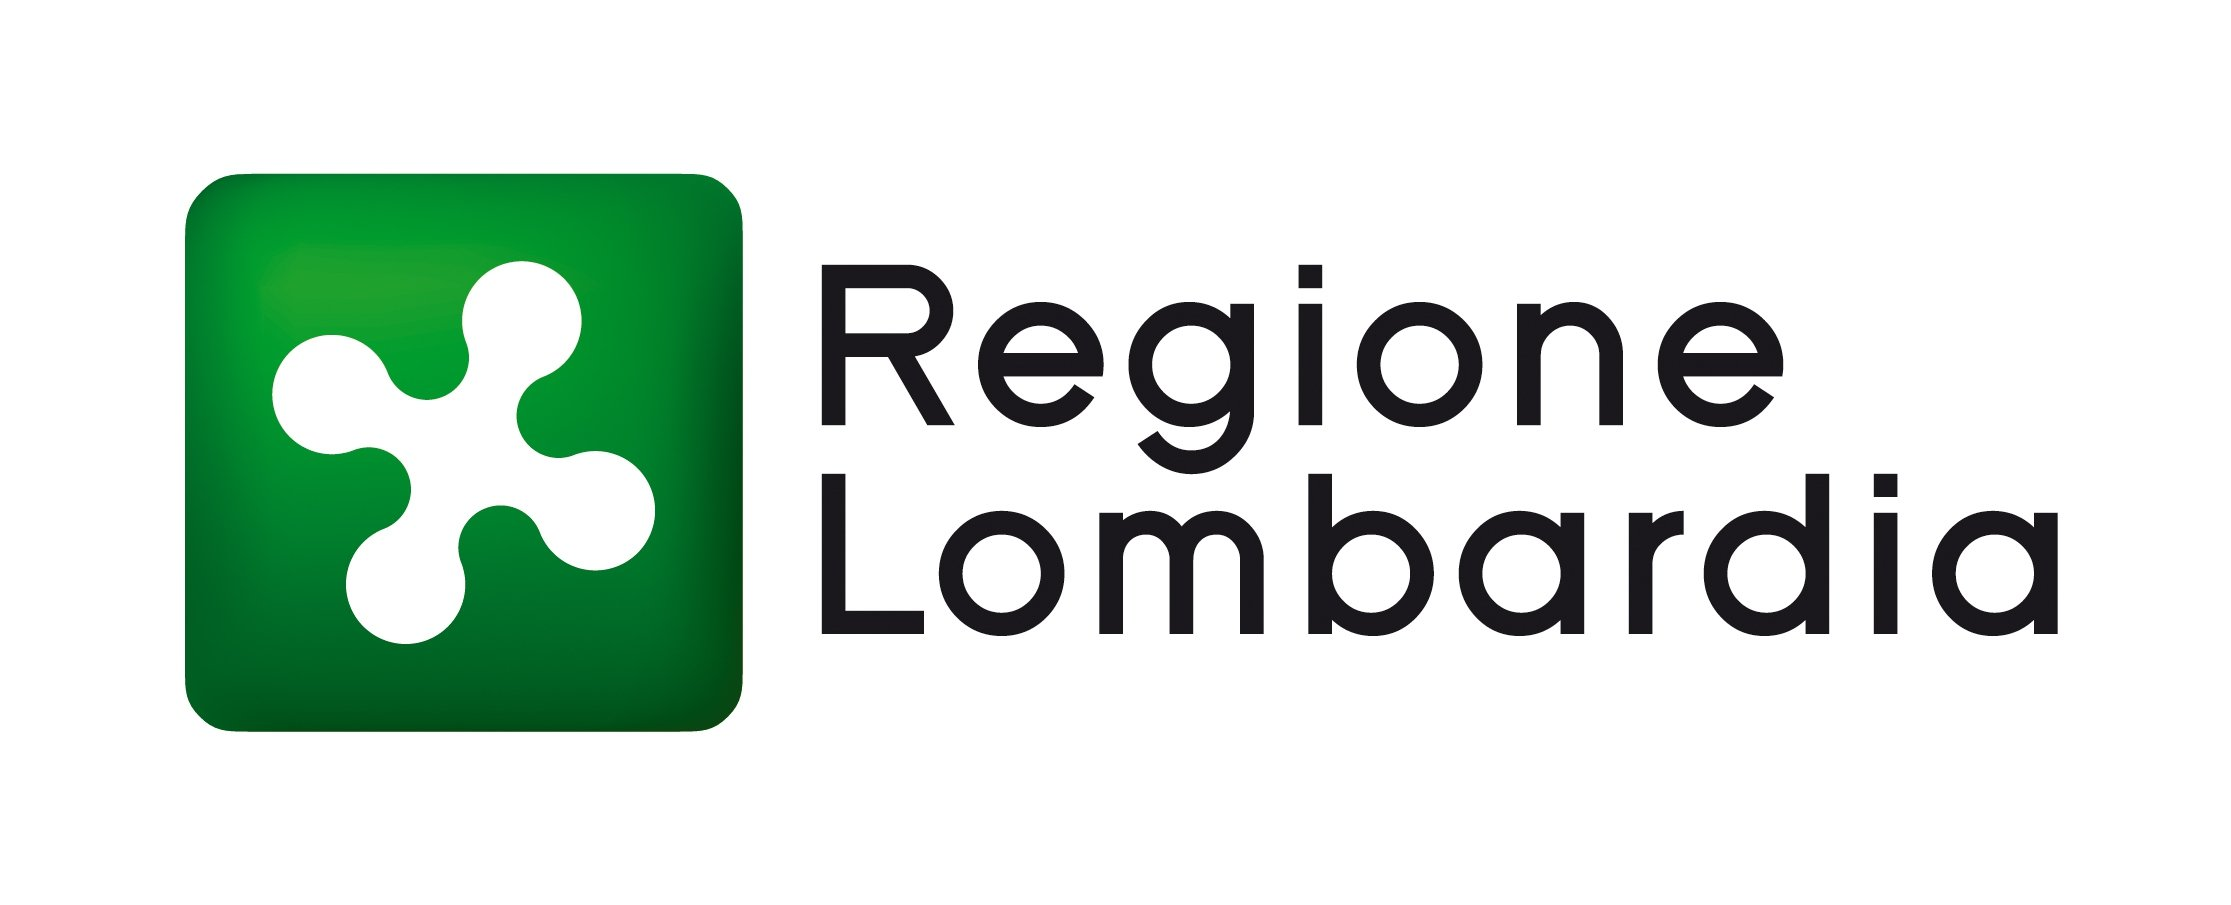 REGIONE LOMBARDIA - ORDINANZA 596 DEL 13 AGOSTO 2020